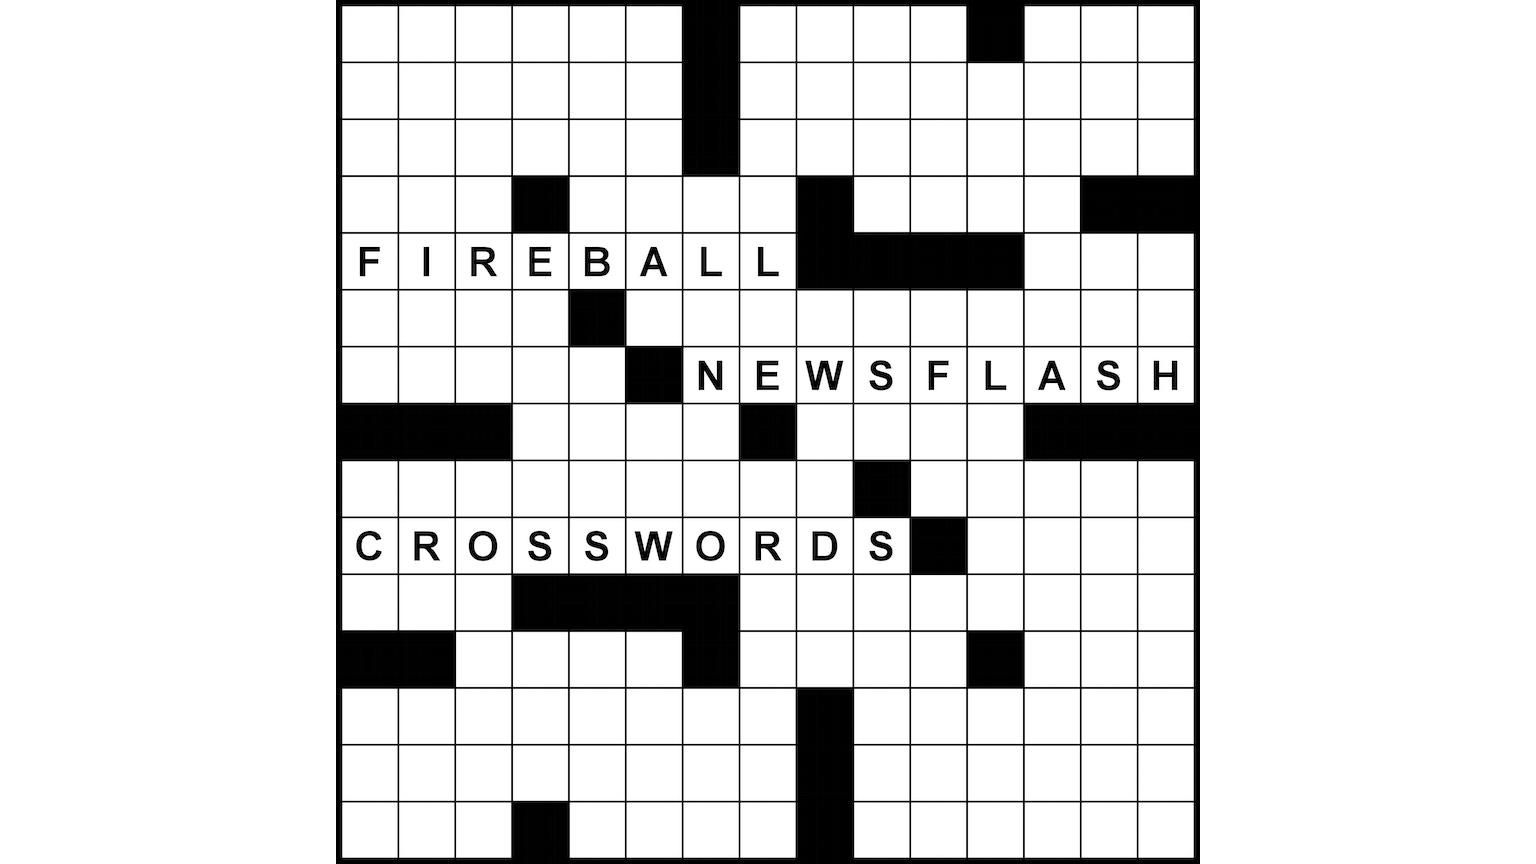 Fireball Newsflash Crosswords by Peter Gordon —Kickstarter